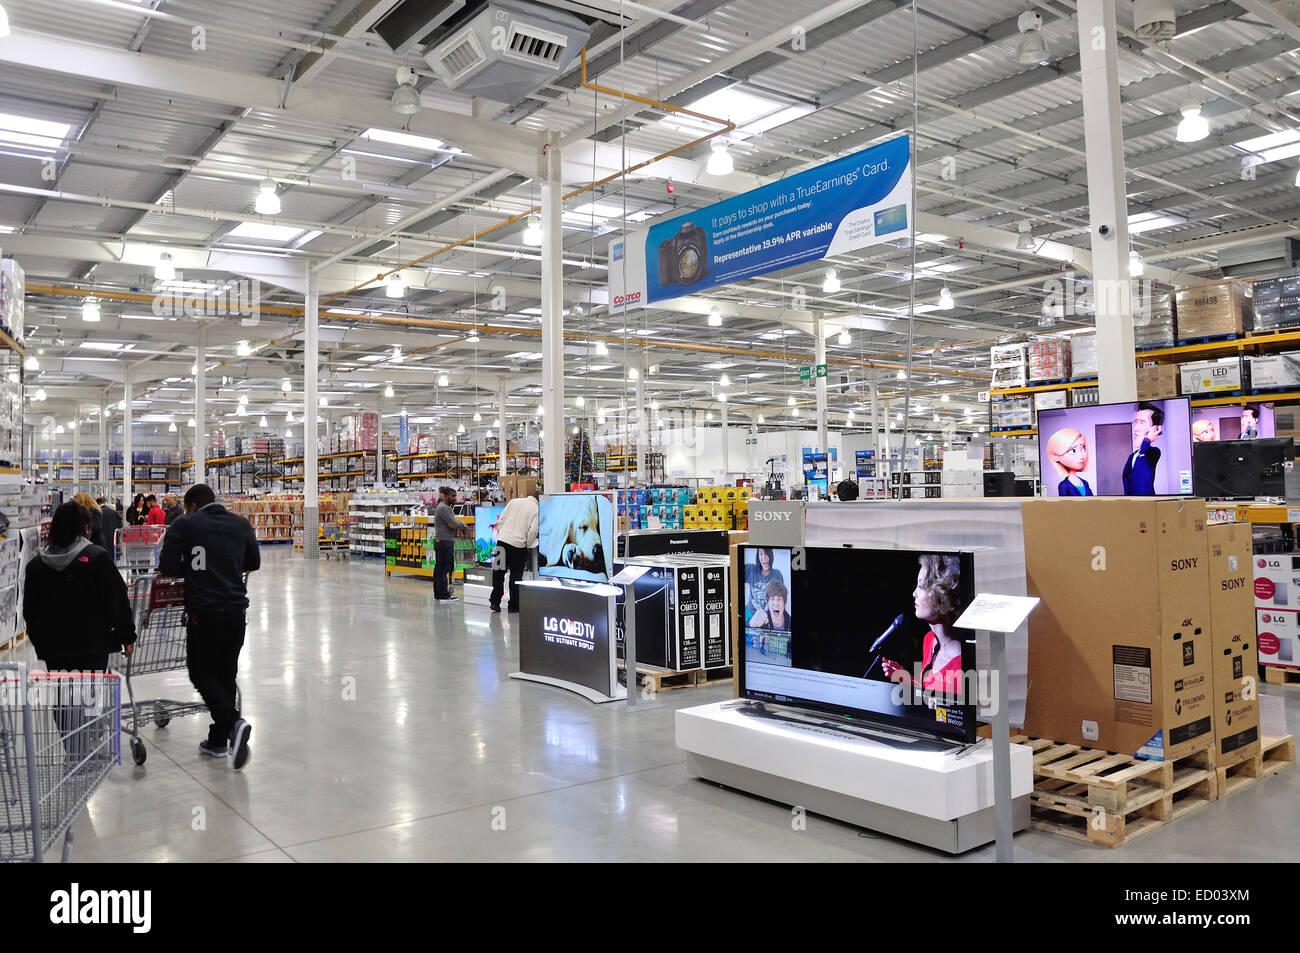 cosco whole sale store